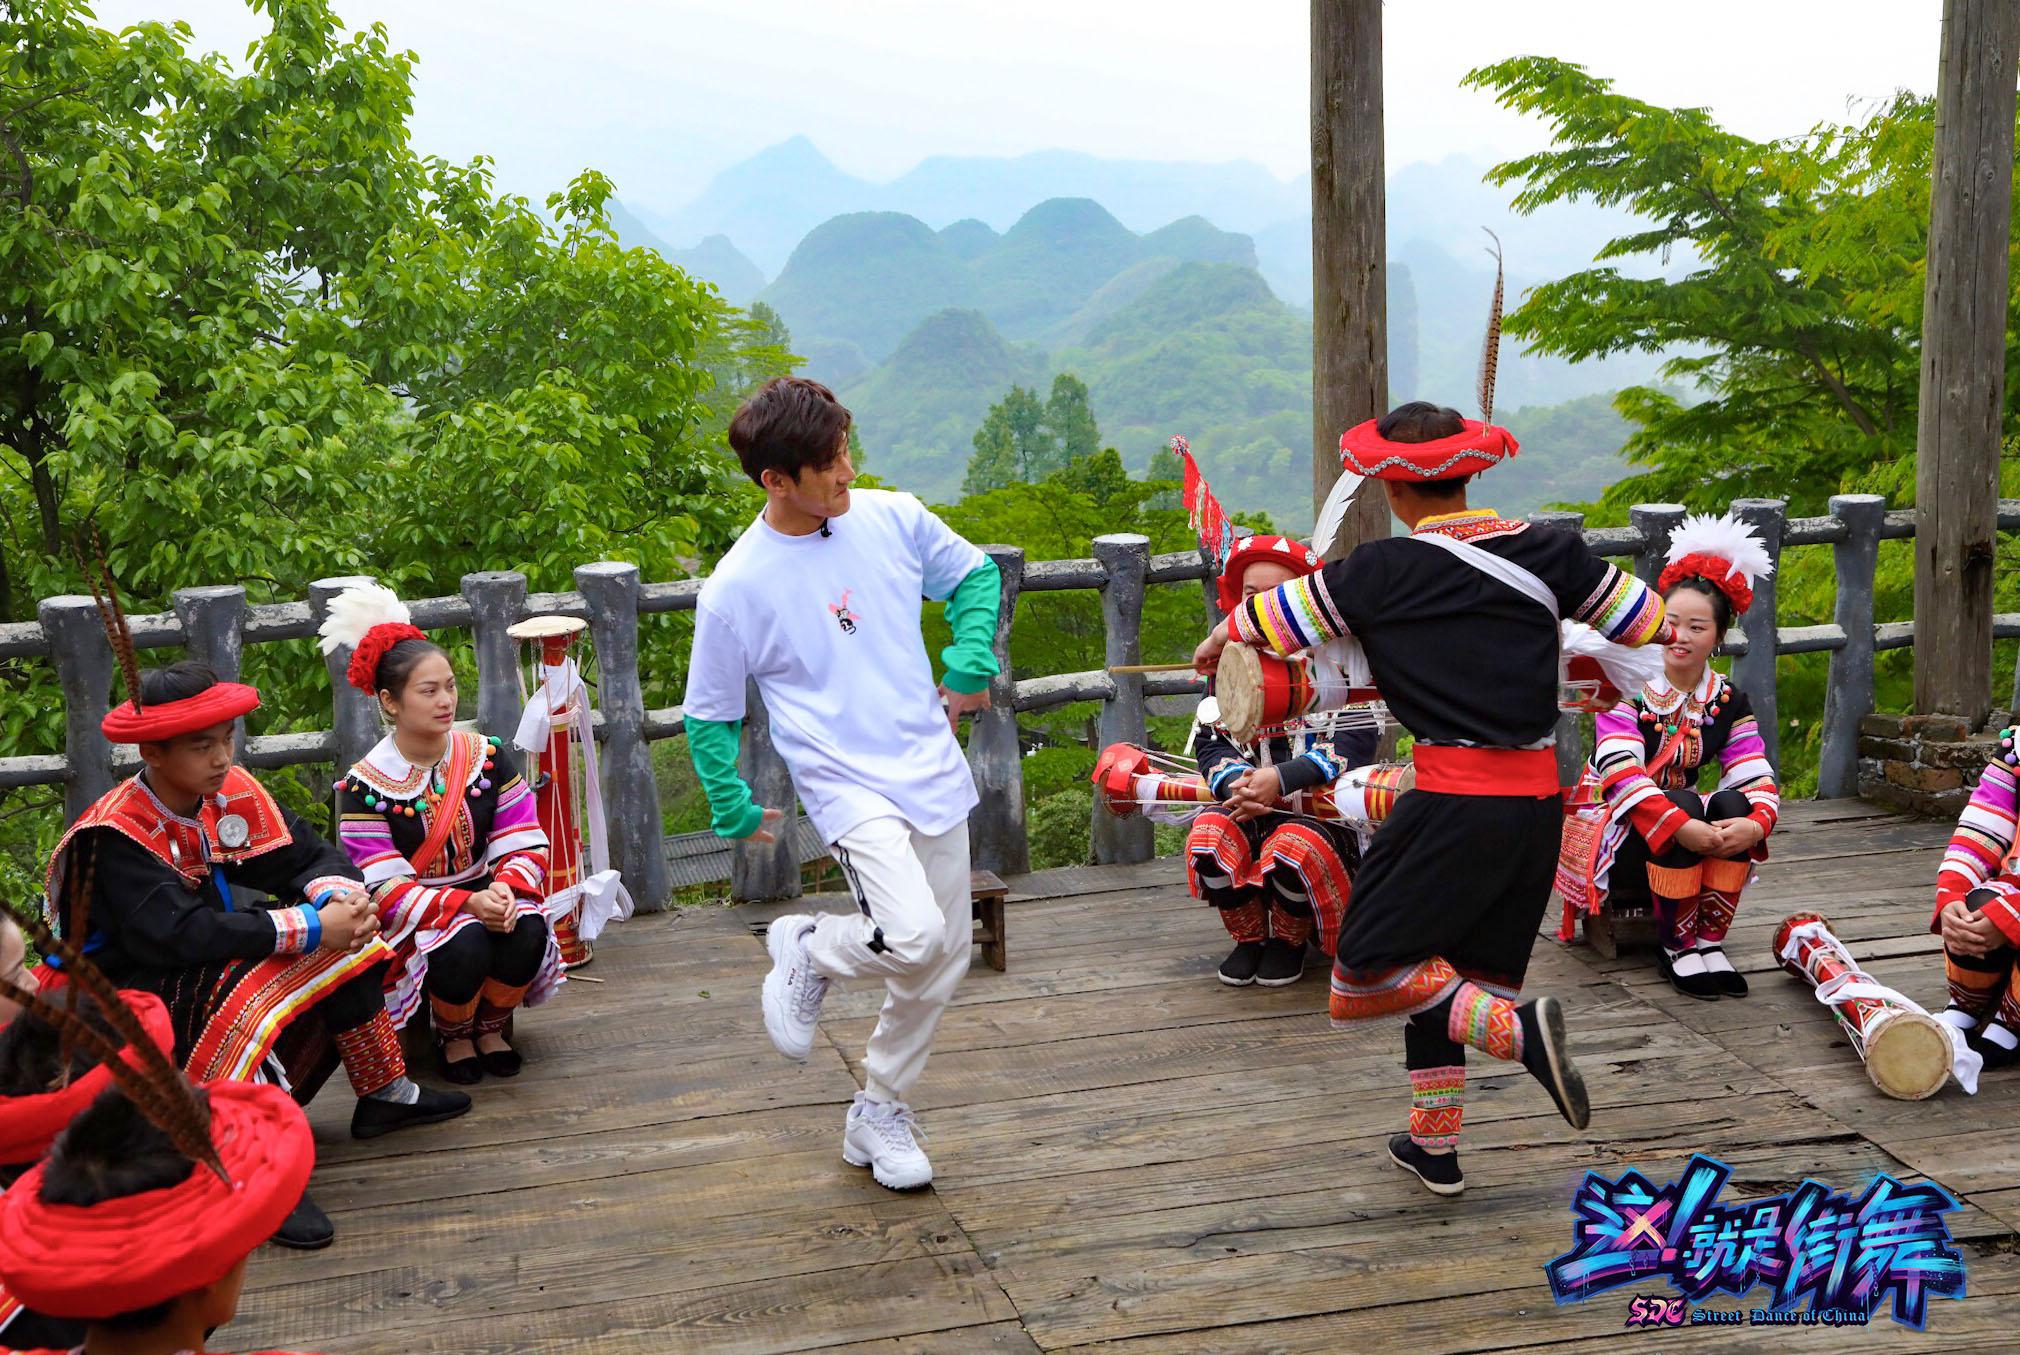 千年瑶寨惊现街舞使者 韩宇陈妍臻大秀瑶族街舞